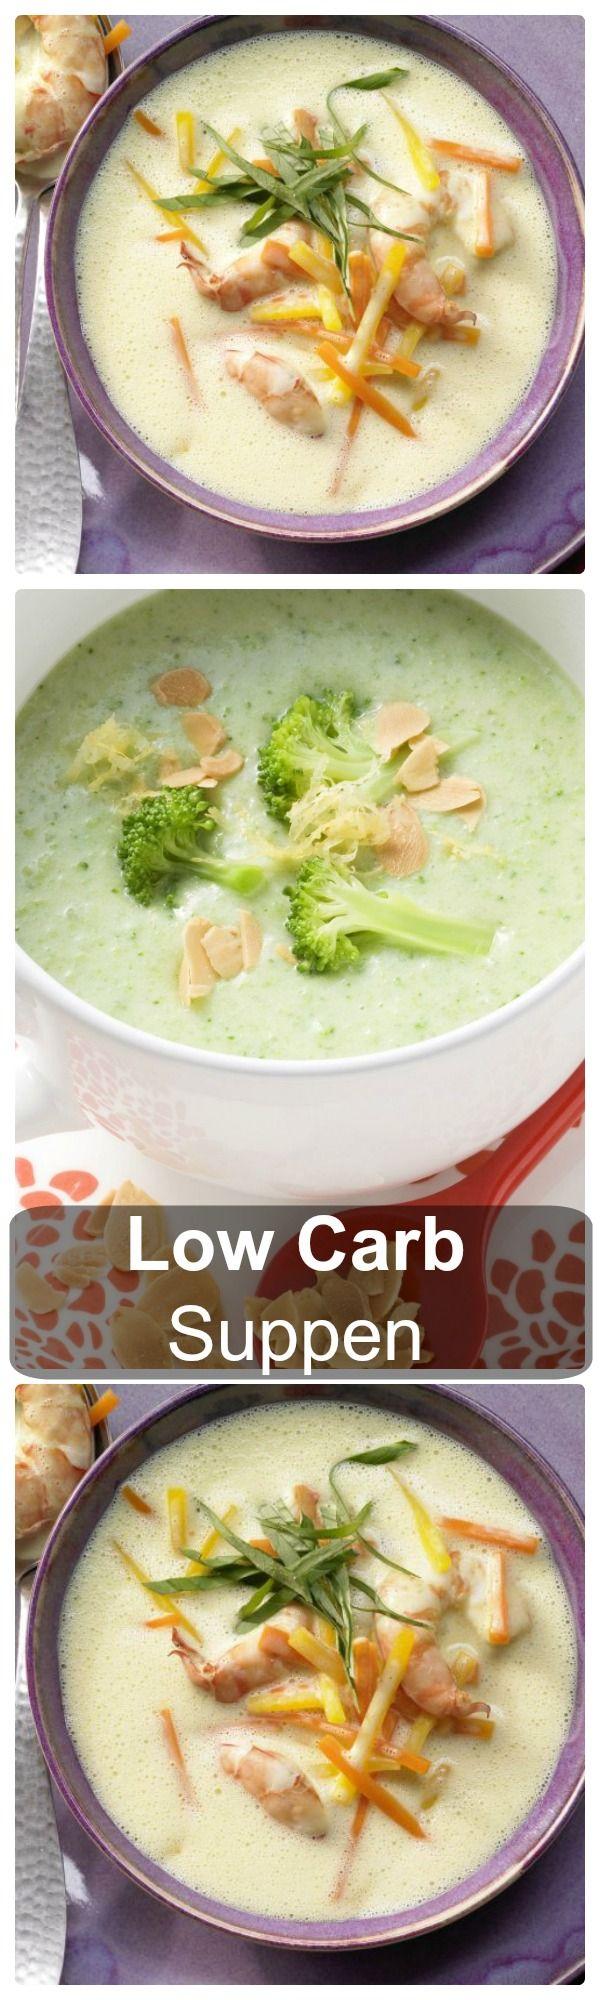 Suppen sind die idealen Low Carb-Partner. Schlemmen Sie auch während Ihrer Low-Carb-Diät, jetzt auf eatsmarter.de